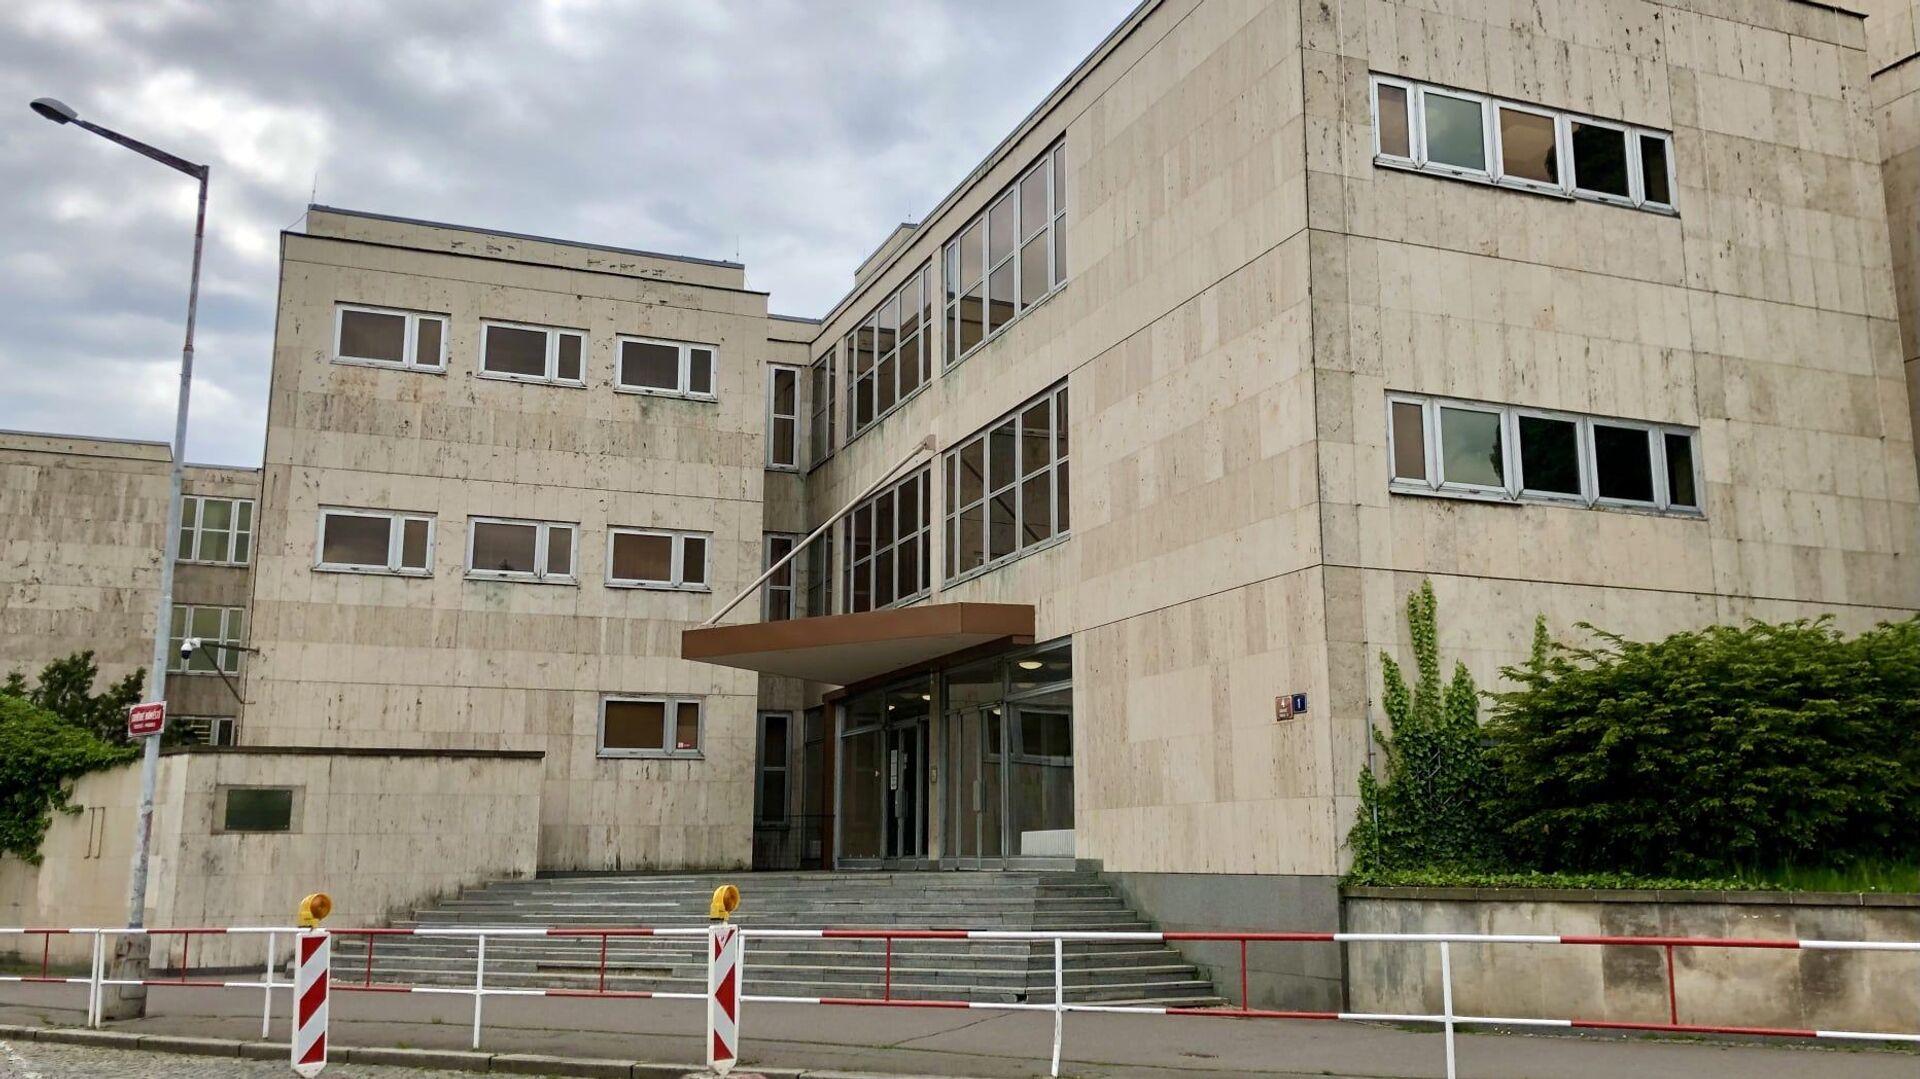 Střední škola při Velvyslanectví Ruska v Praze - Sputnik Česká republika, 1920, 13.08.2021